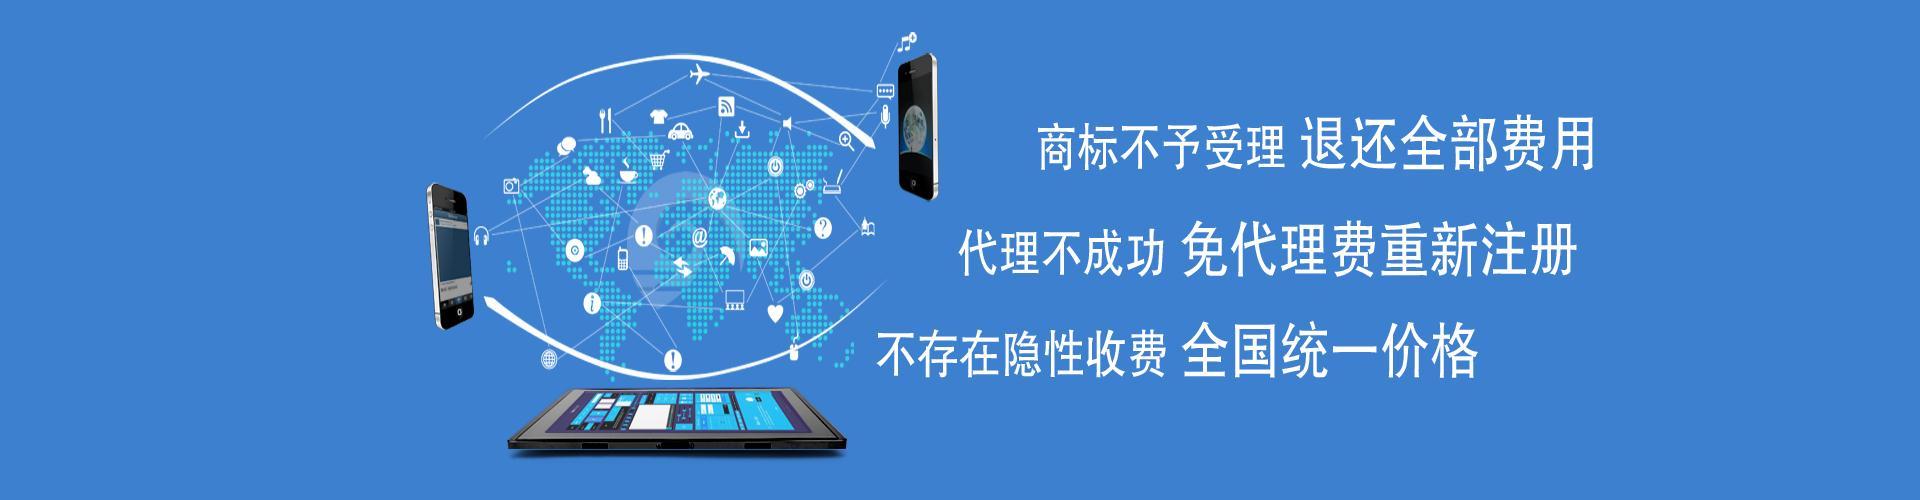 中国商标注册网优势